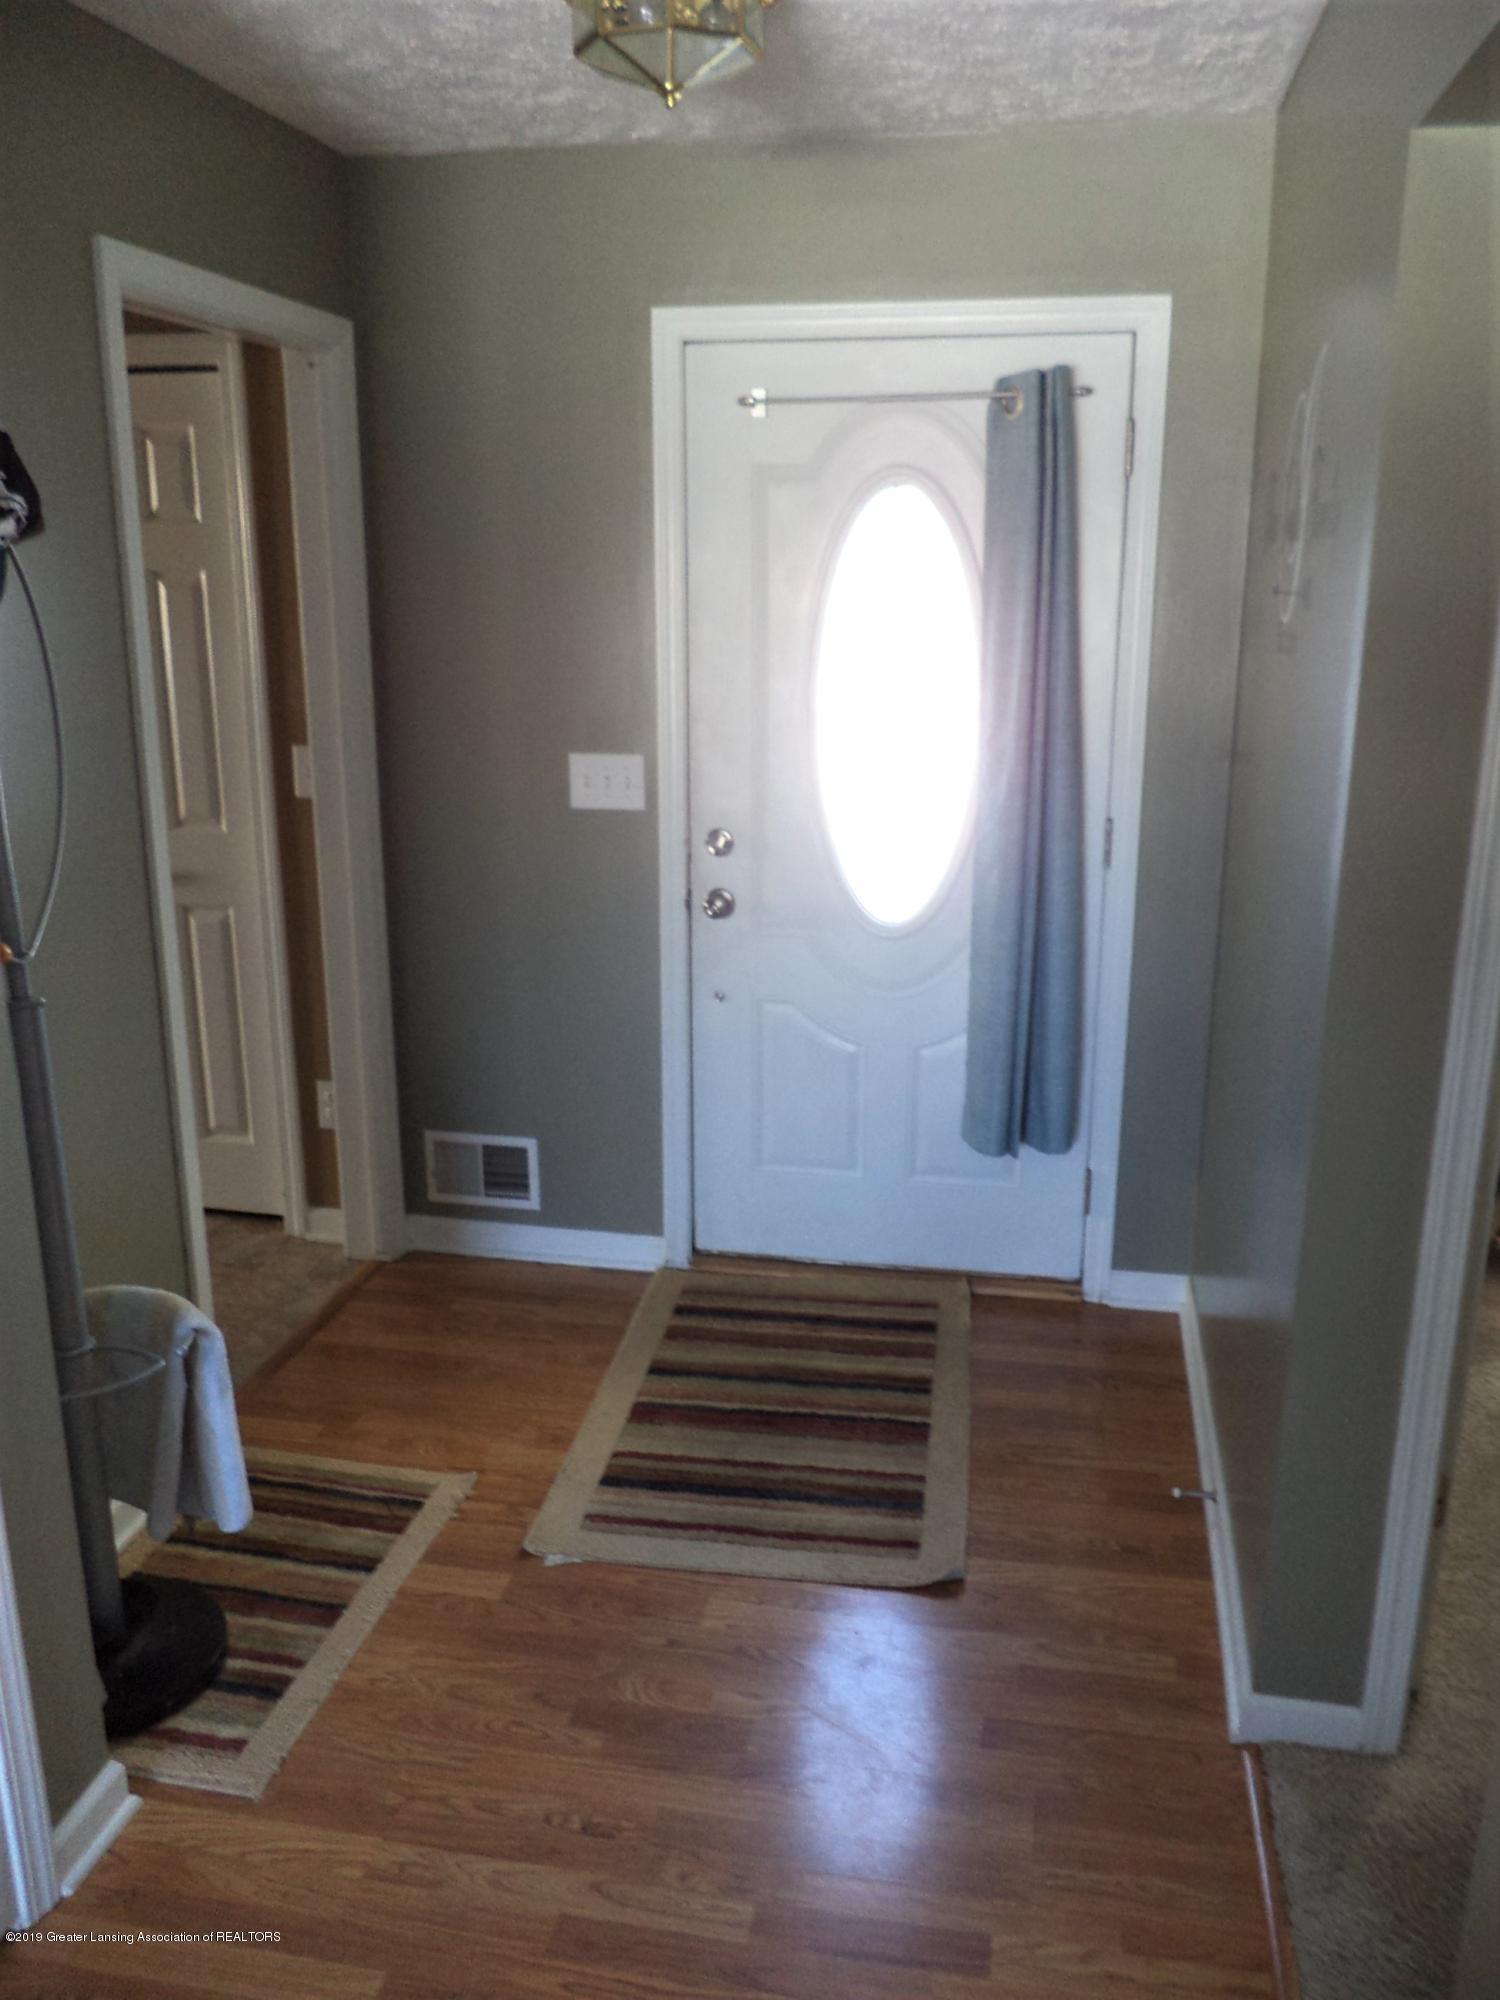 1102 Kelcrasta Dr - Front entry foyer - 2